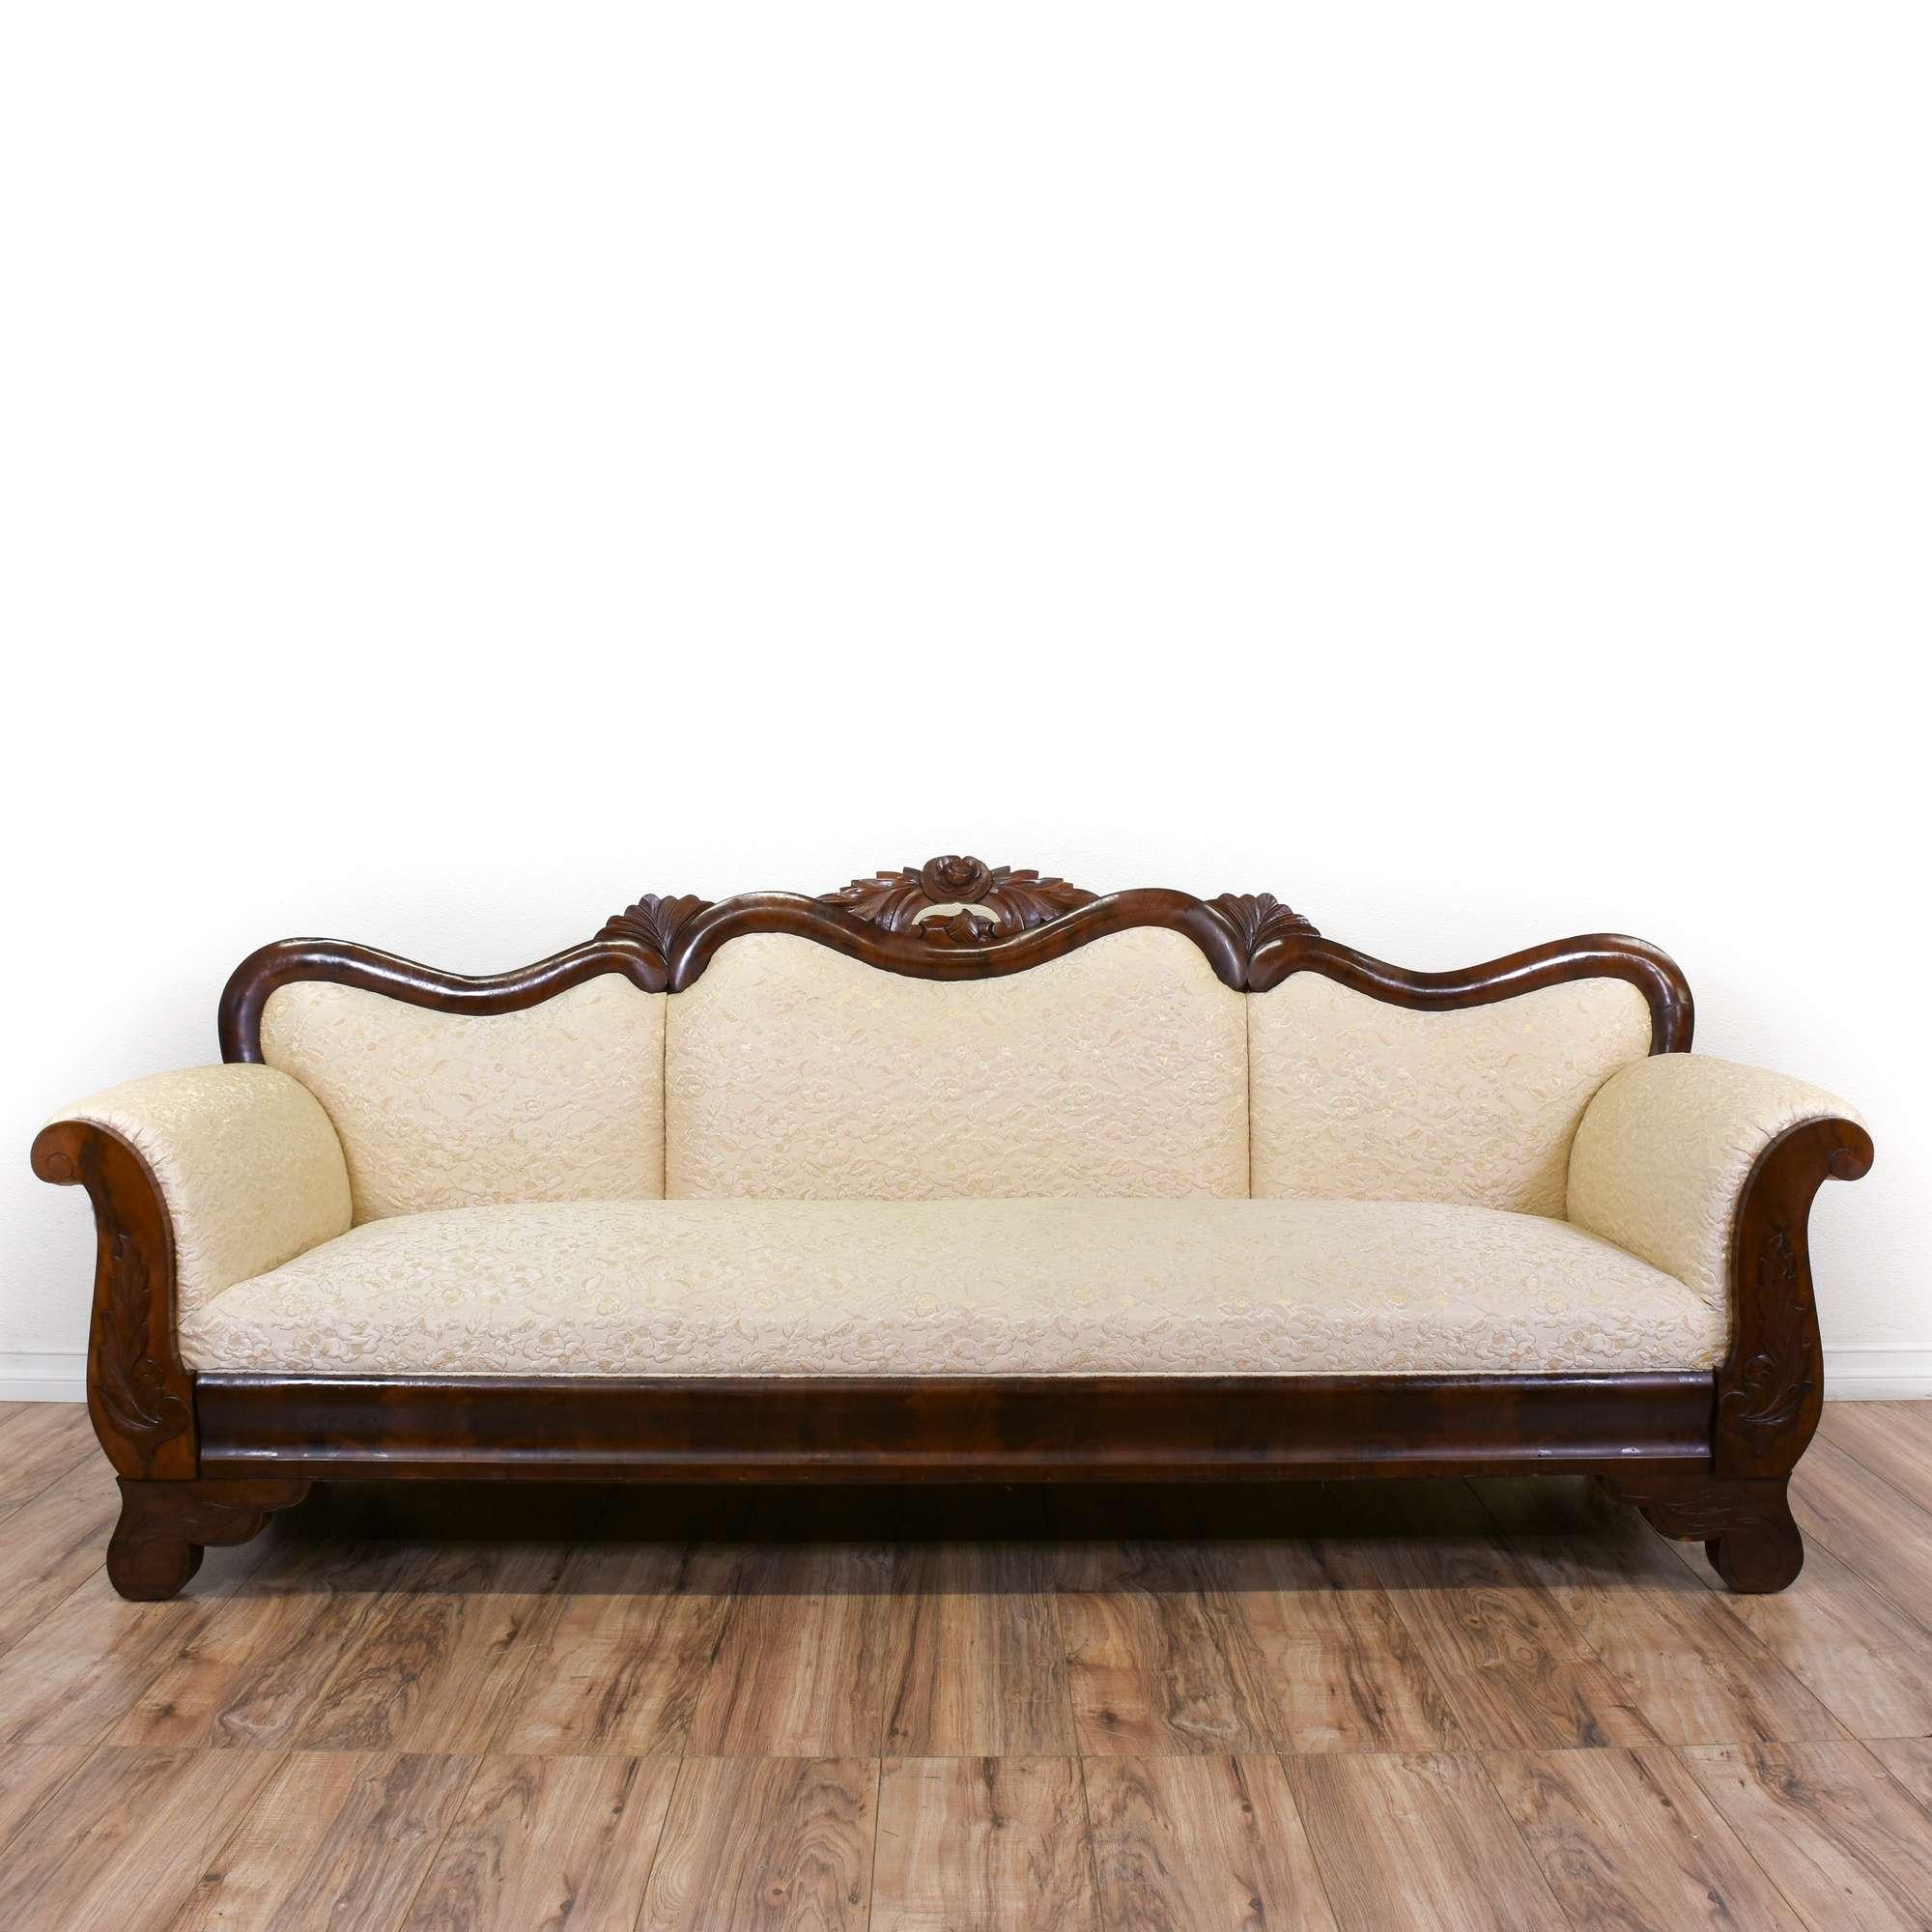 Antique Victorian Floral Pink Carved Sofa | Loveseat Vintage ...